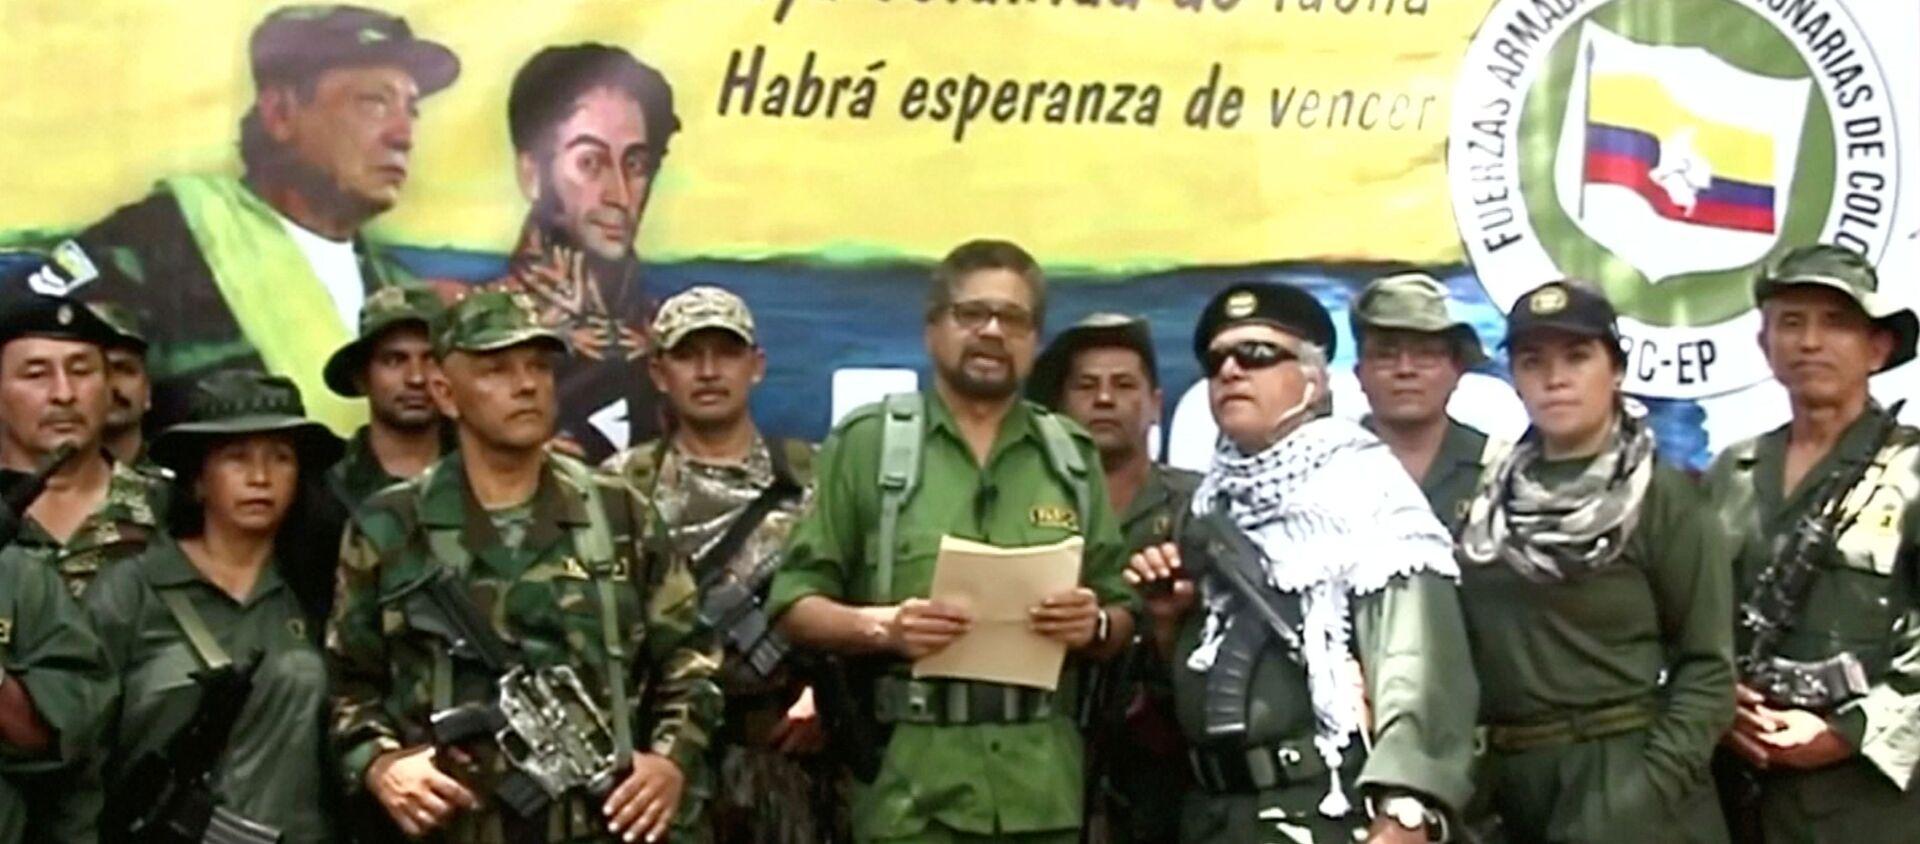 El excomandante de las FARC, Iván Márquez, anuncia que retoma la lucha armada  - Sputnik Mundo, 1920, 30.08.2019